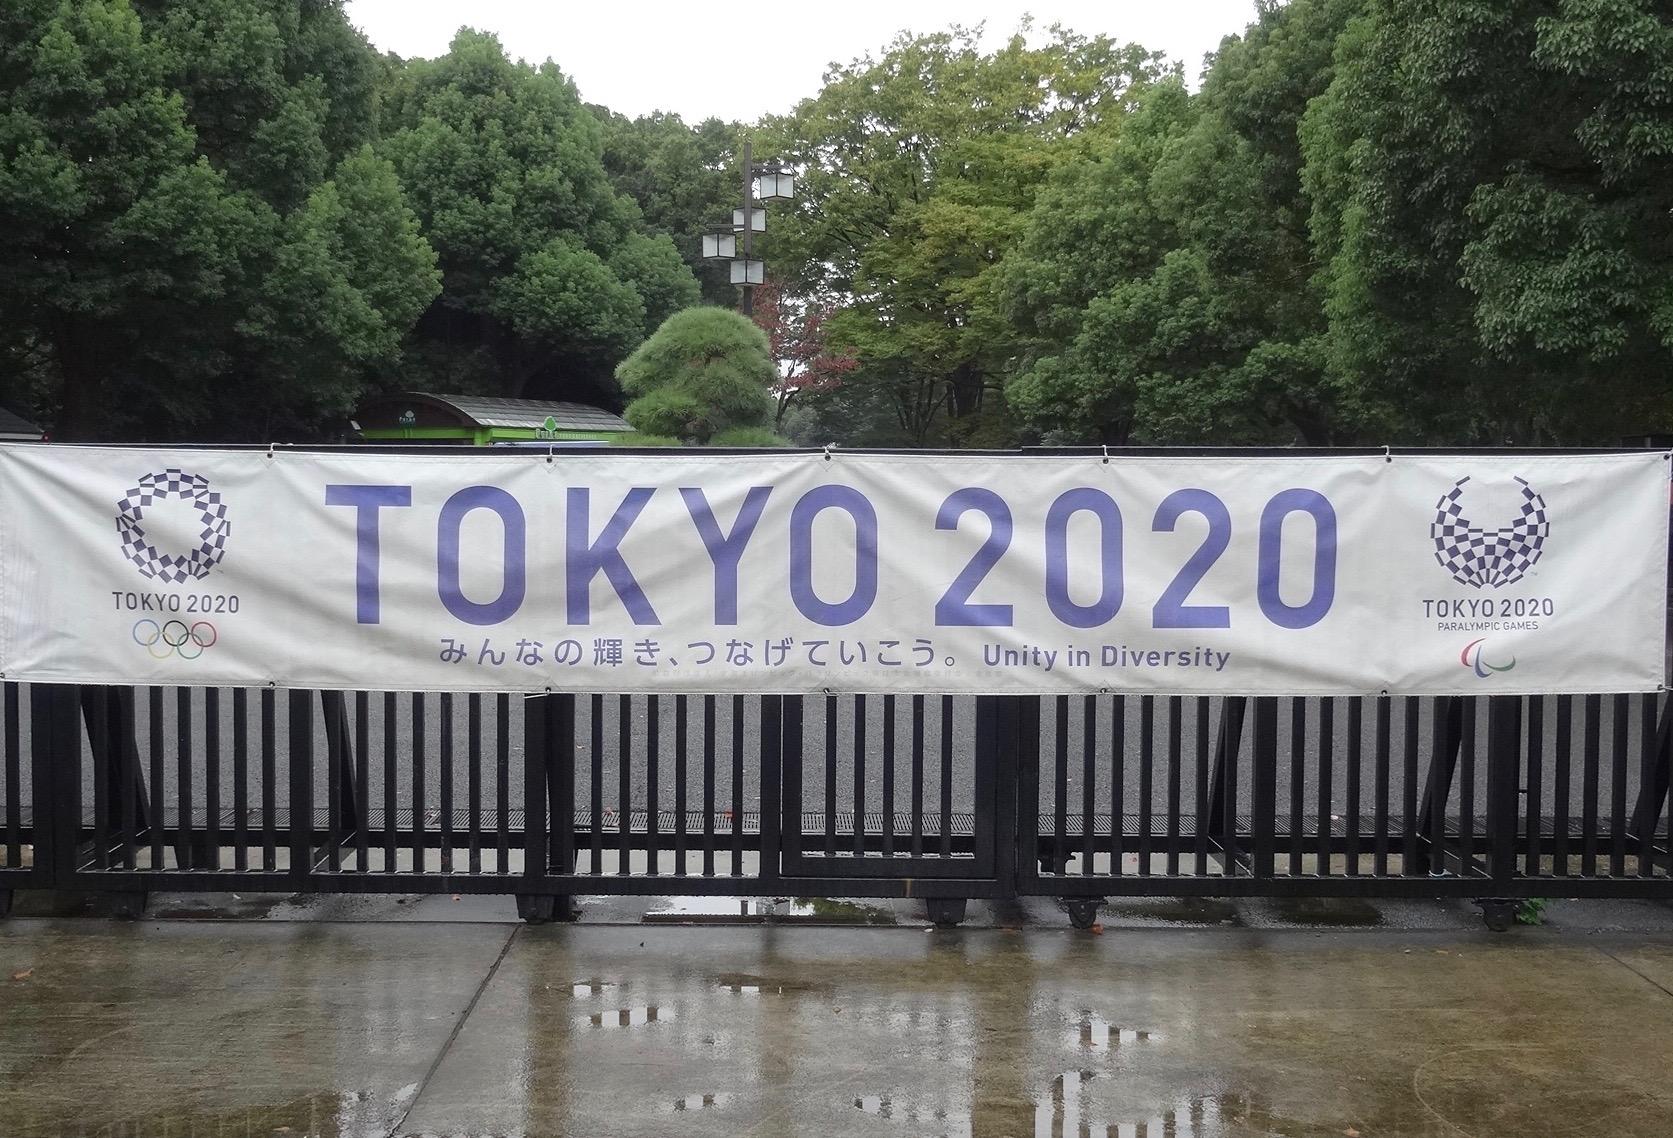 Mori vor Ablösung? Tokyo 2020-Organisationskomitee plant Sondersitzung - Sponsoren gehen auf die Barrikaden